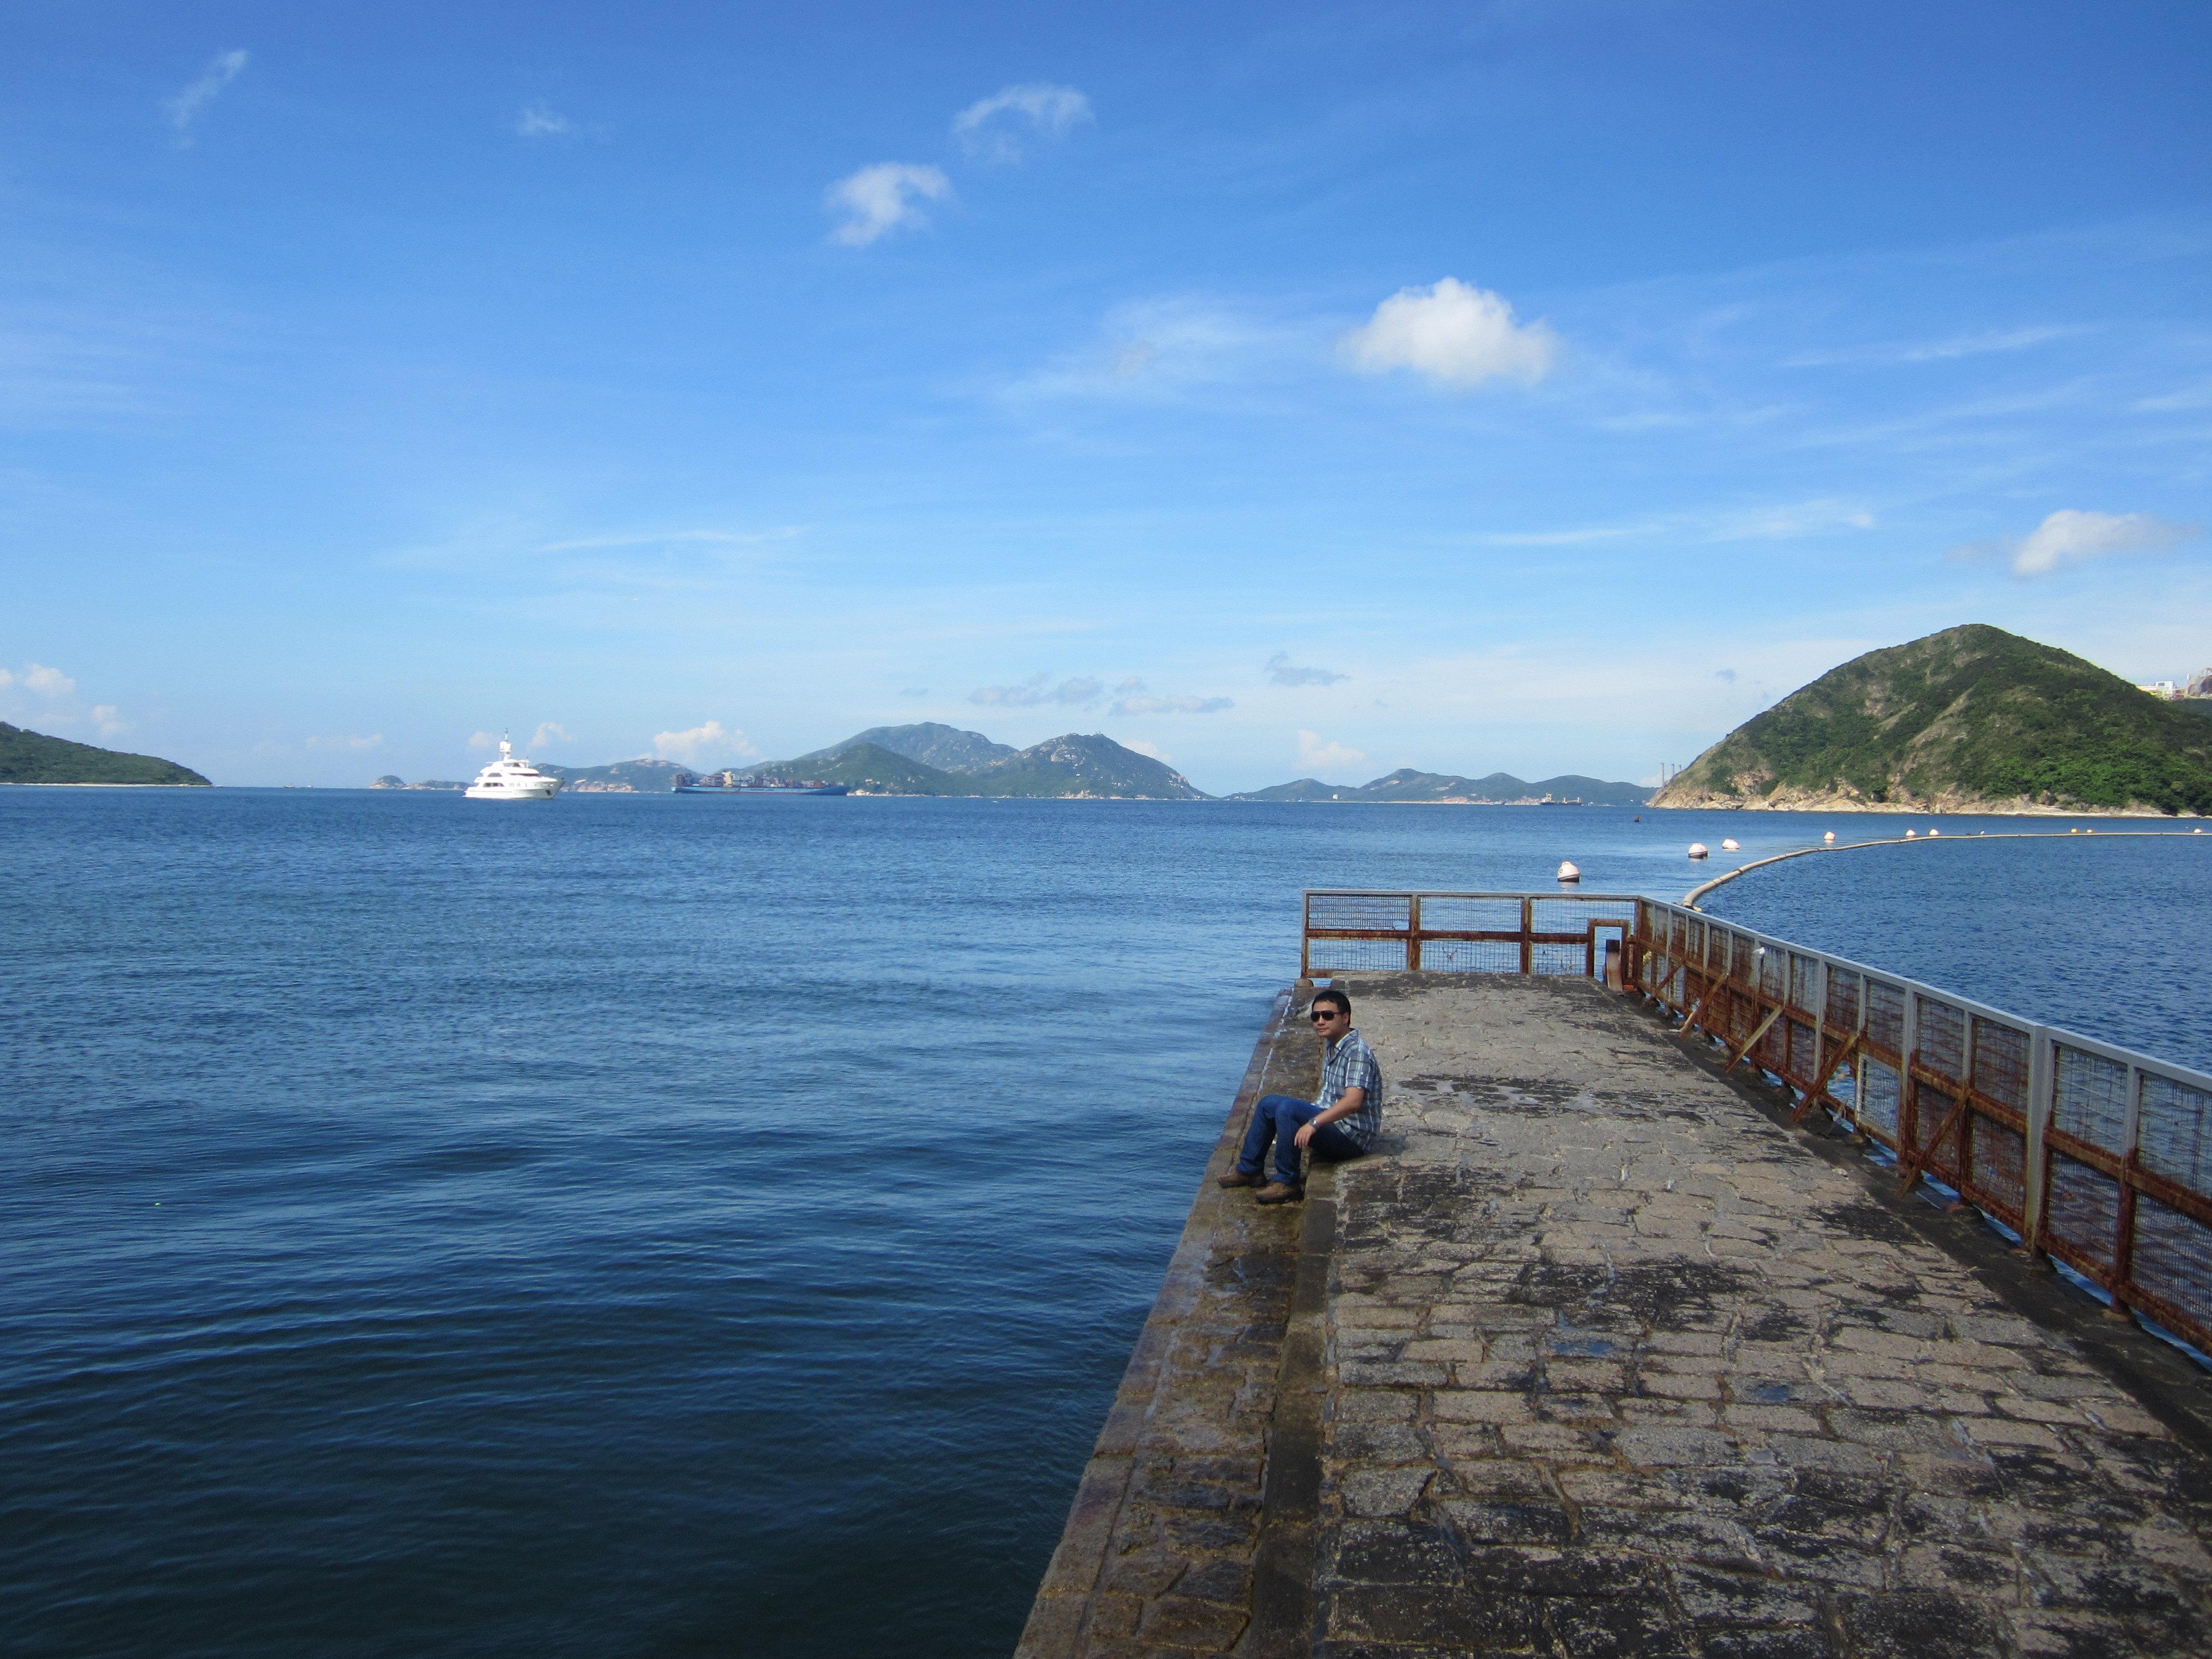 非常漂亮的海滩,水质很清澈,风景如画,人也不多,只是几个老外在那晒